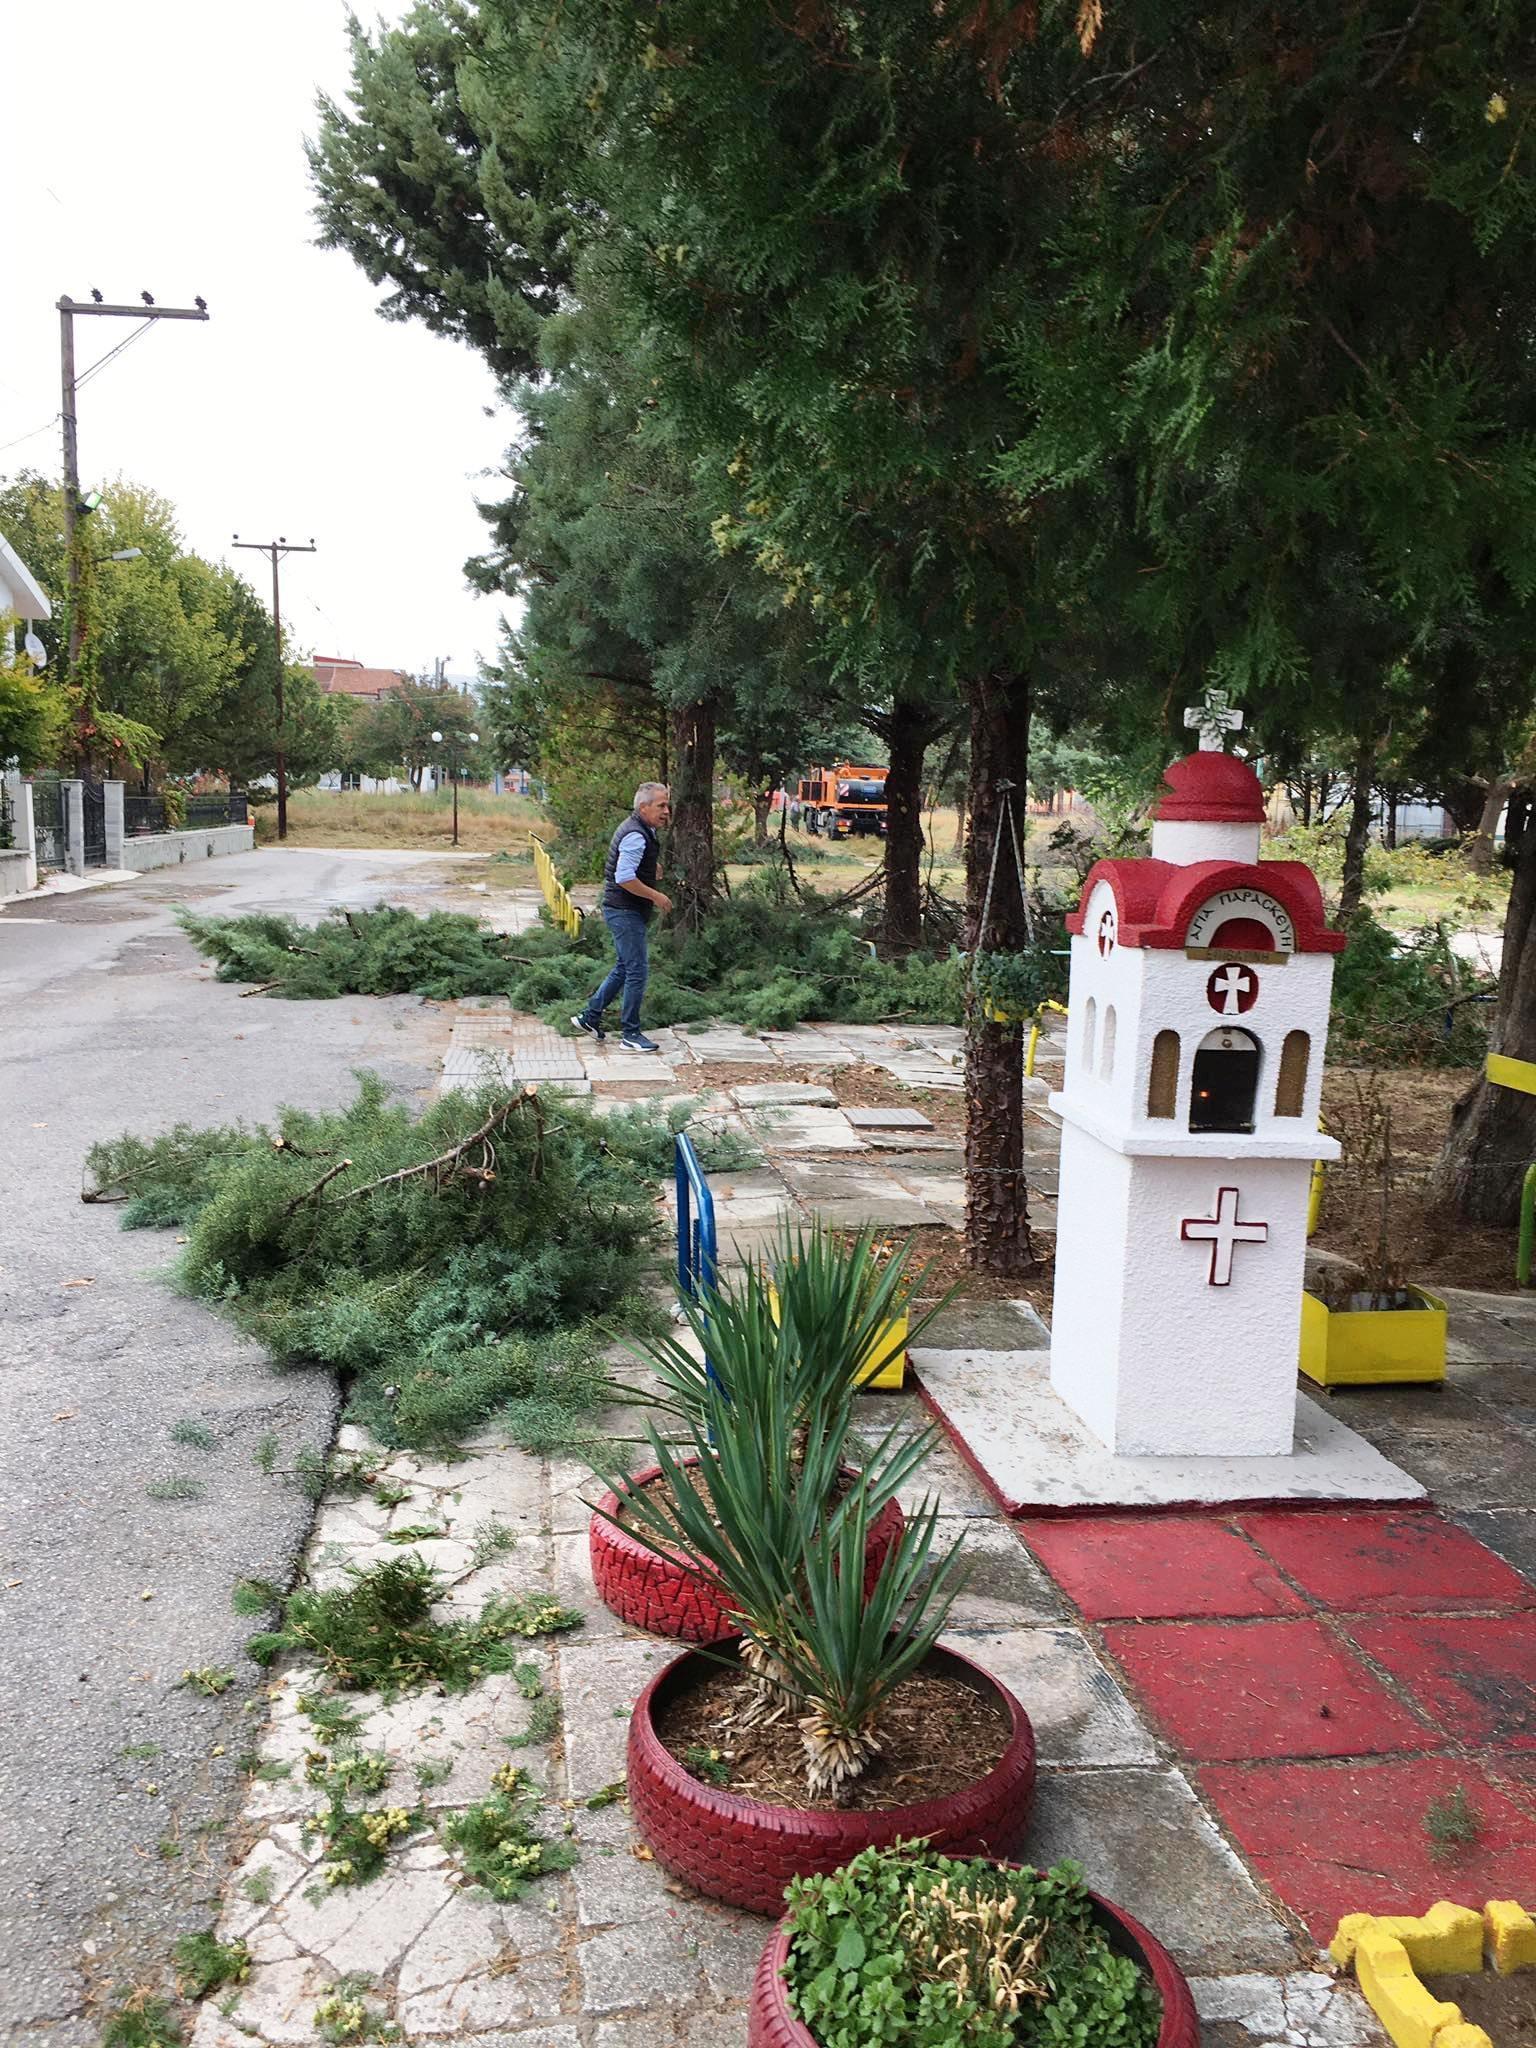 Στις Εργατικές Κατοικίες Πτολεμαΐδας τα συνεργεία του Δήμου Εορδαίας. Ξεκίνημα για το «Θεσμό της Γειτονιάς και της Κοινότητας».